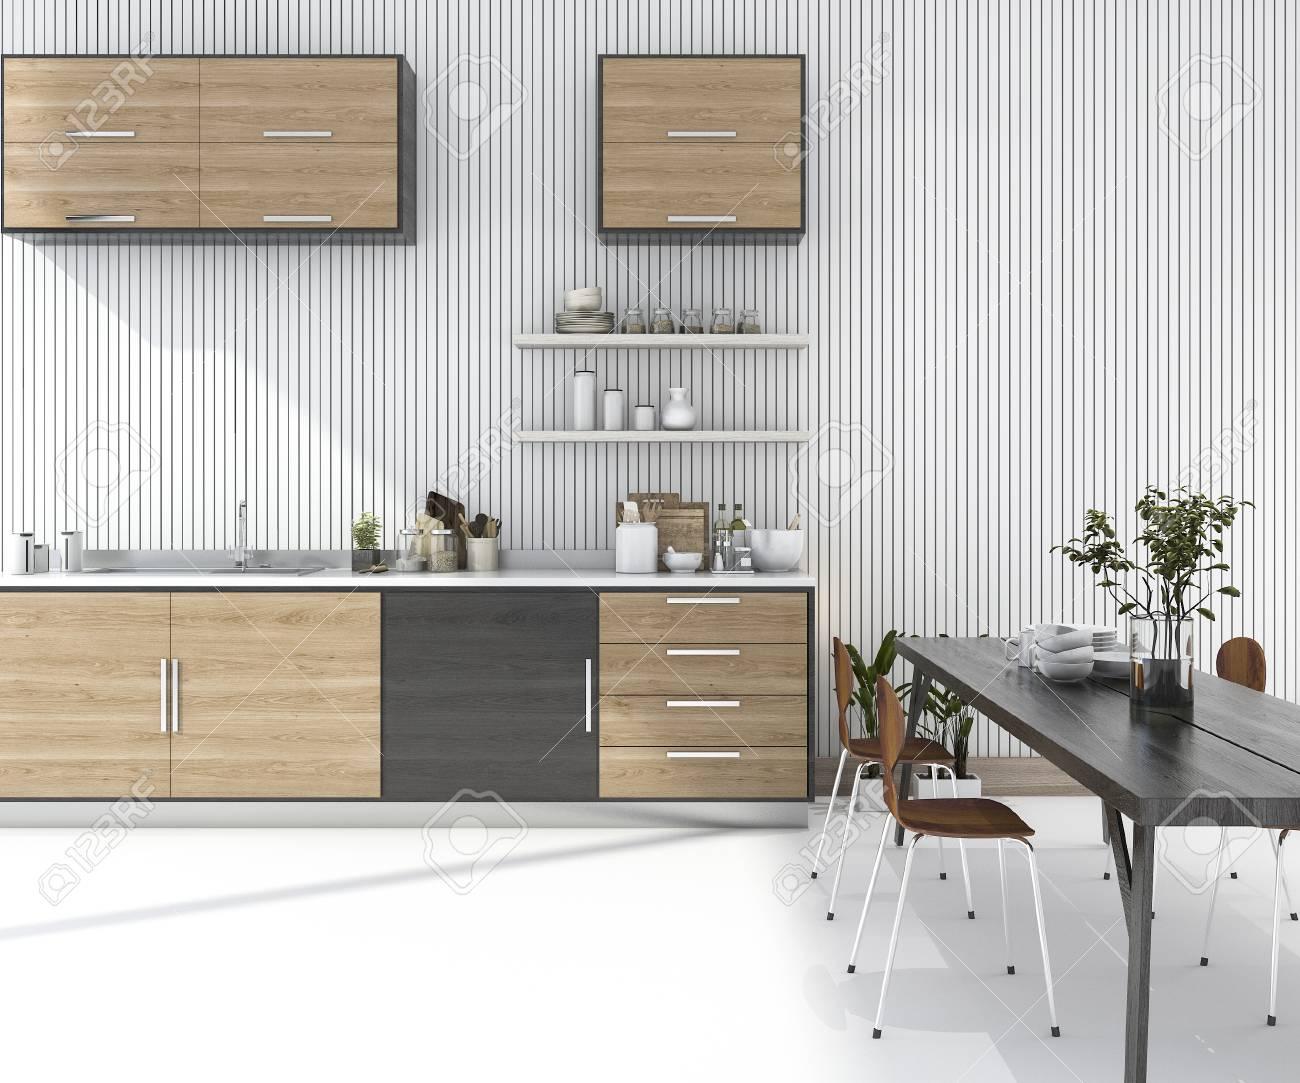 3d Rendering Holz Küche Bar Mit Esstisch Und Stuhl Lizenzfreie Fotos ...